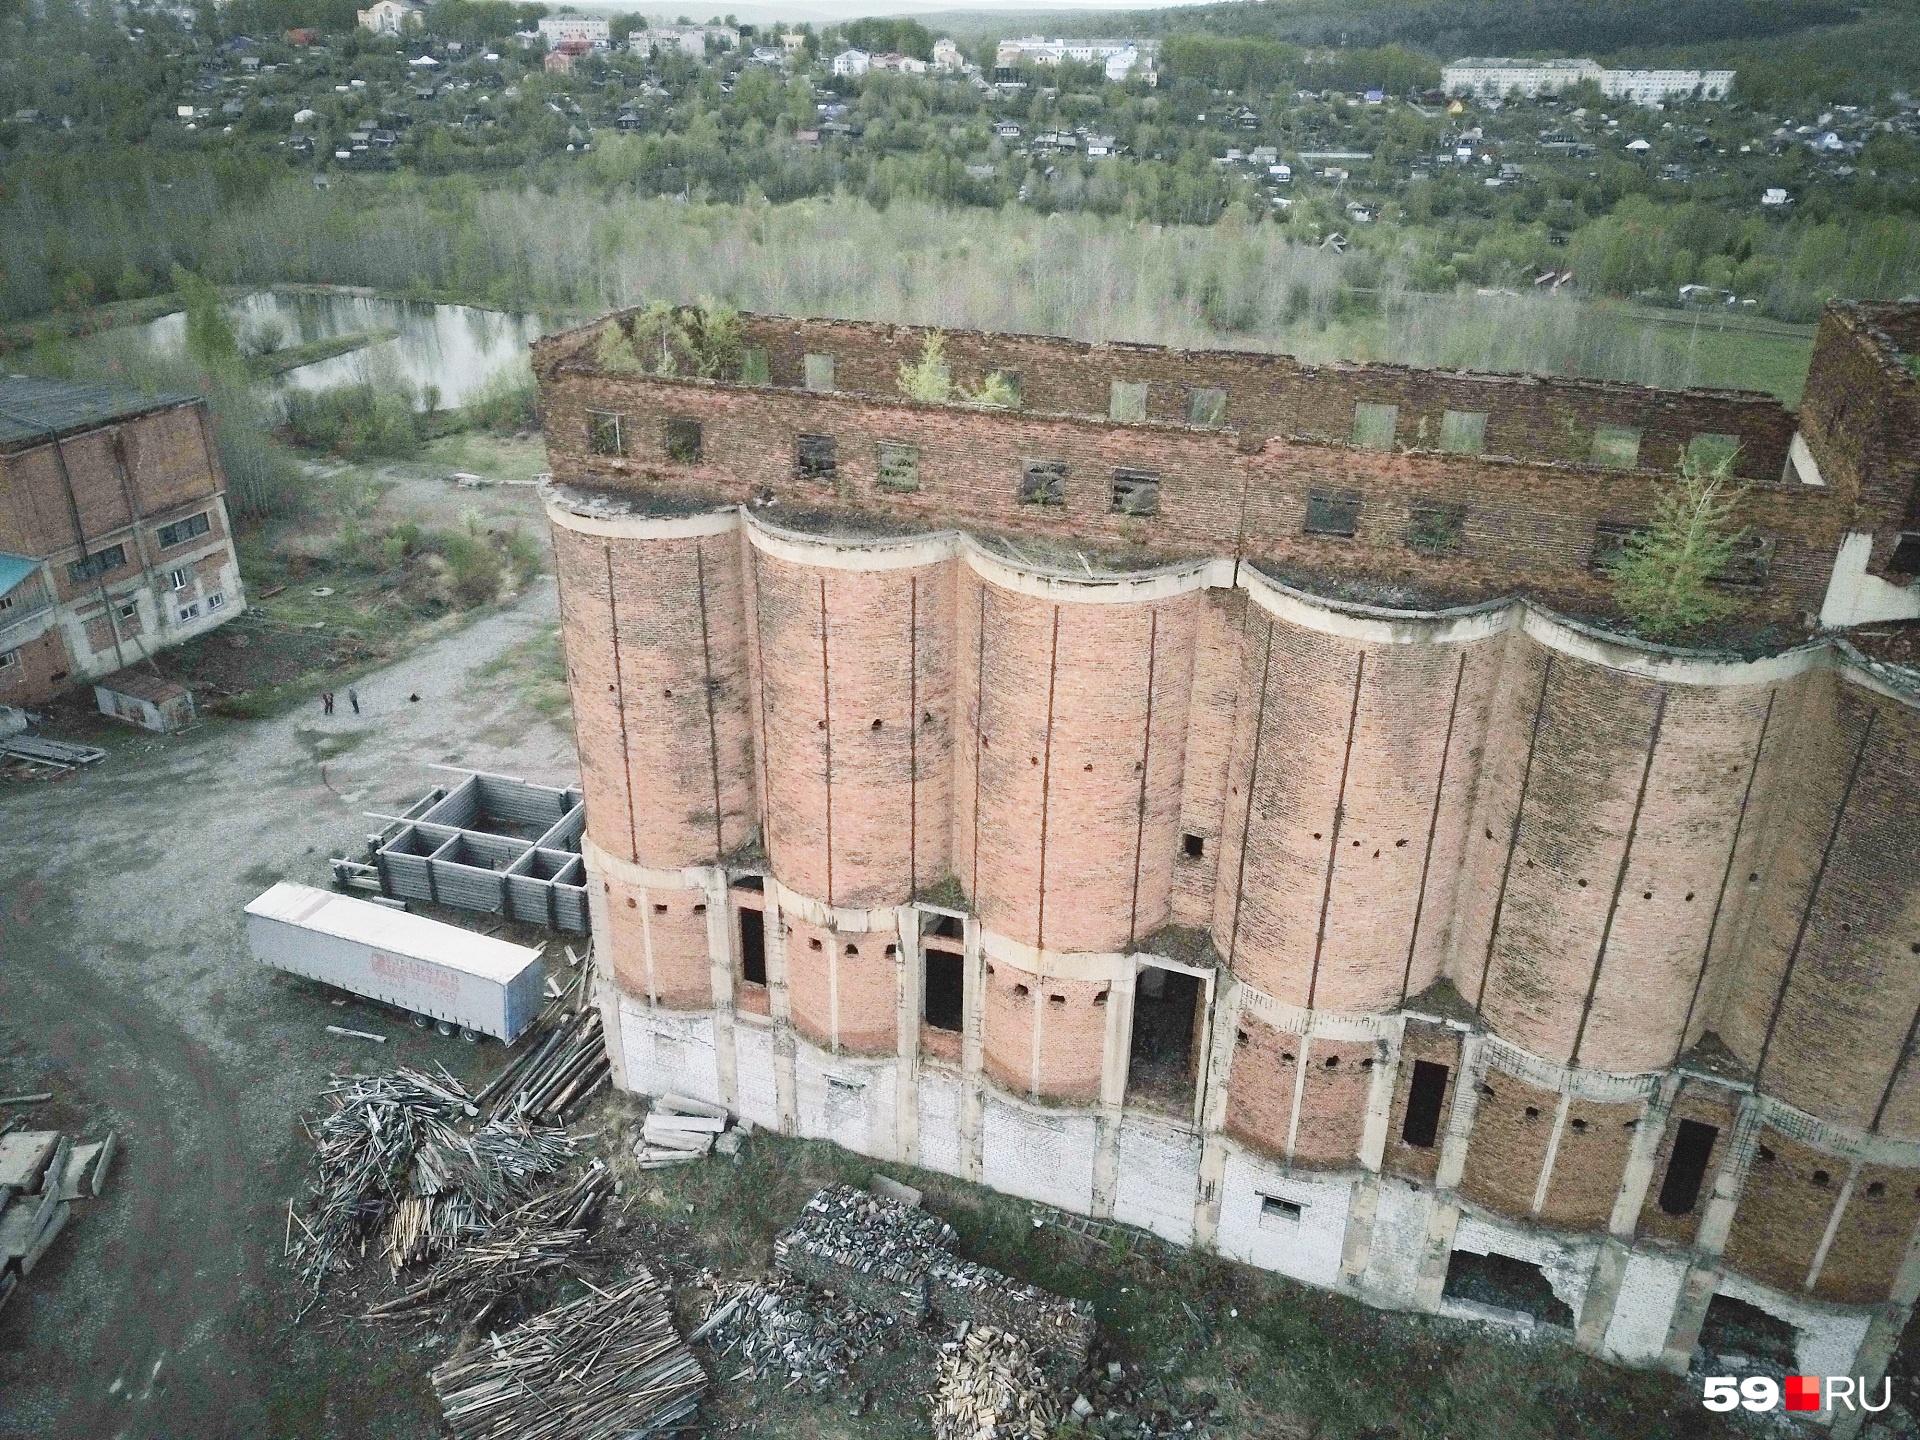 Красивые развалины завода с высоты